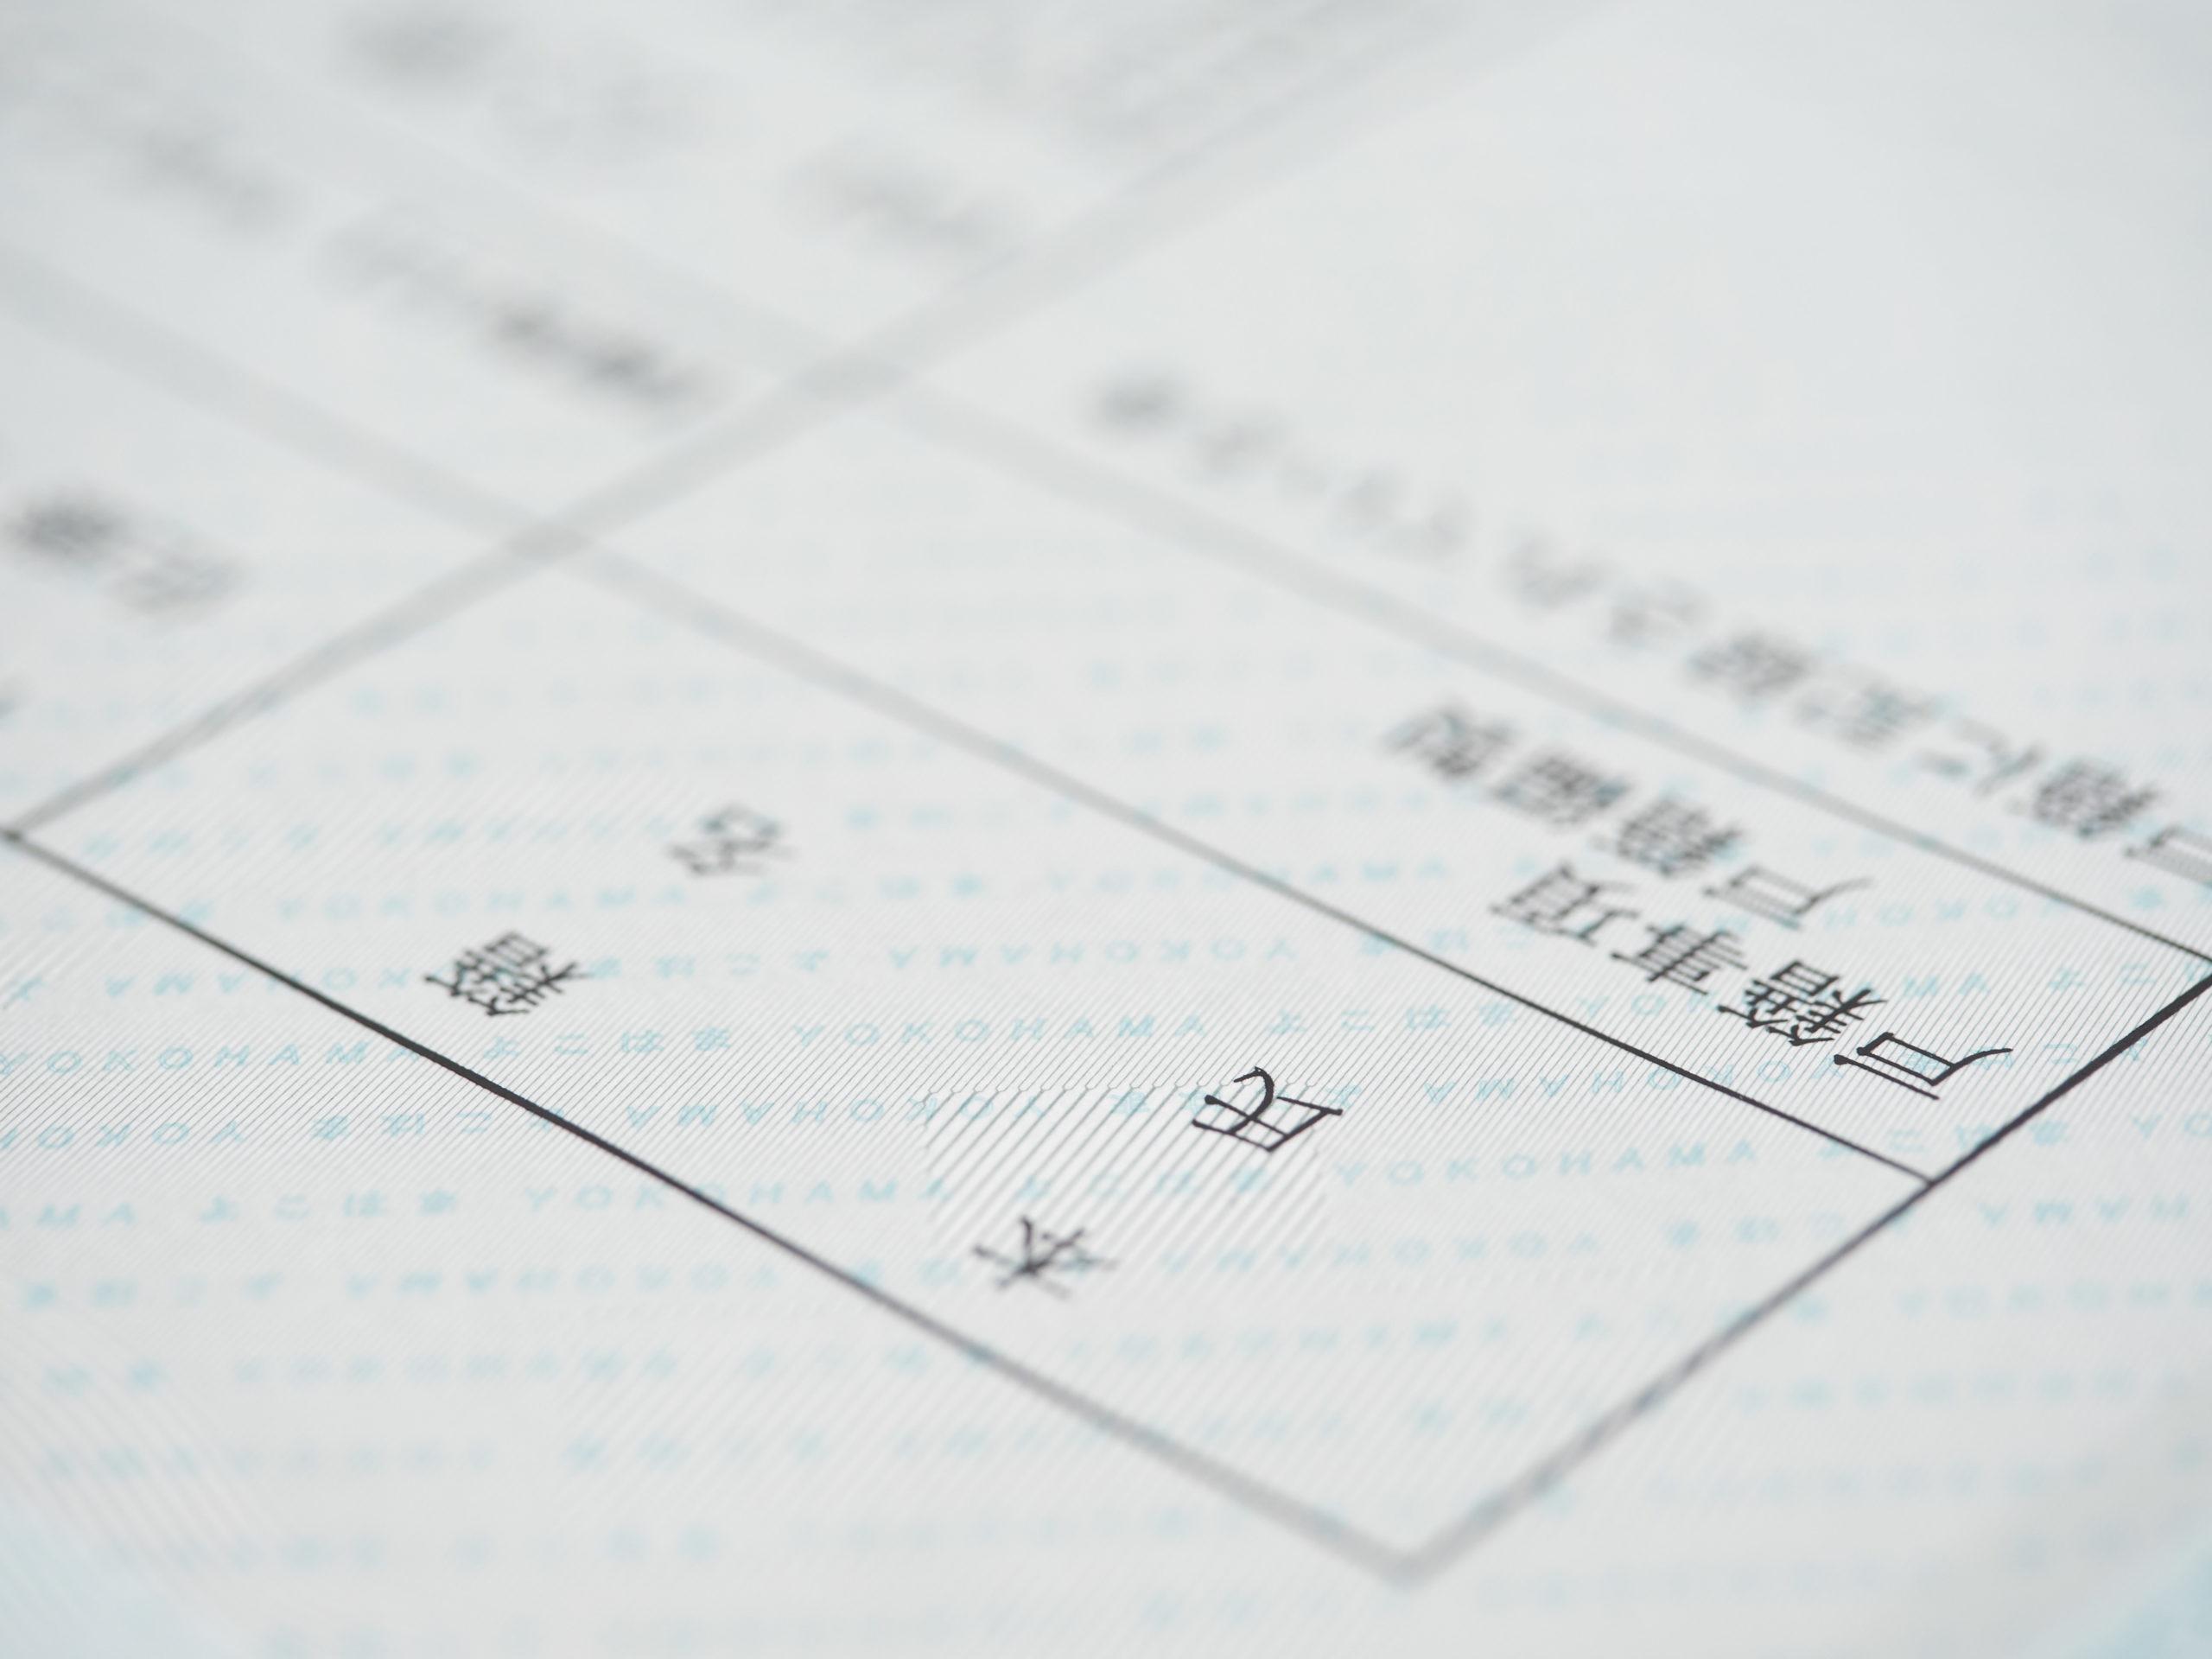 戸籍謄本の取得